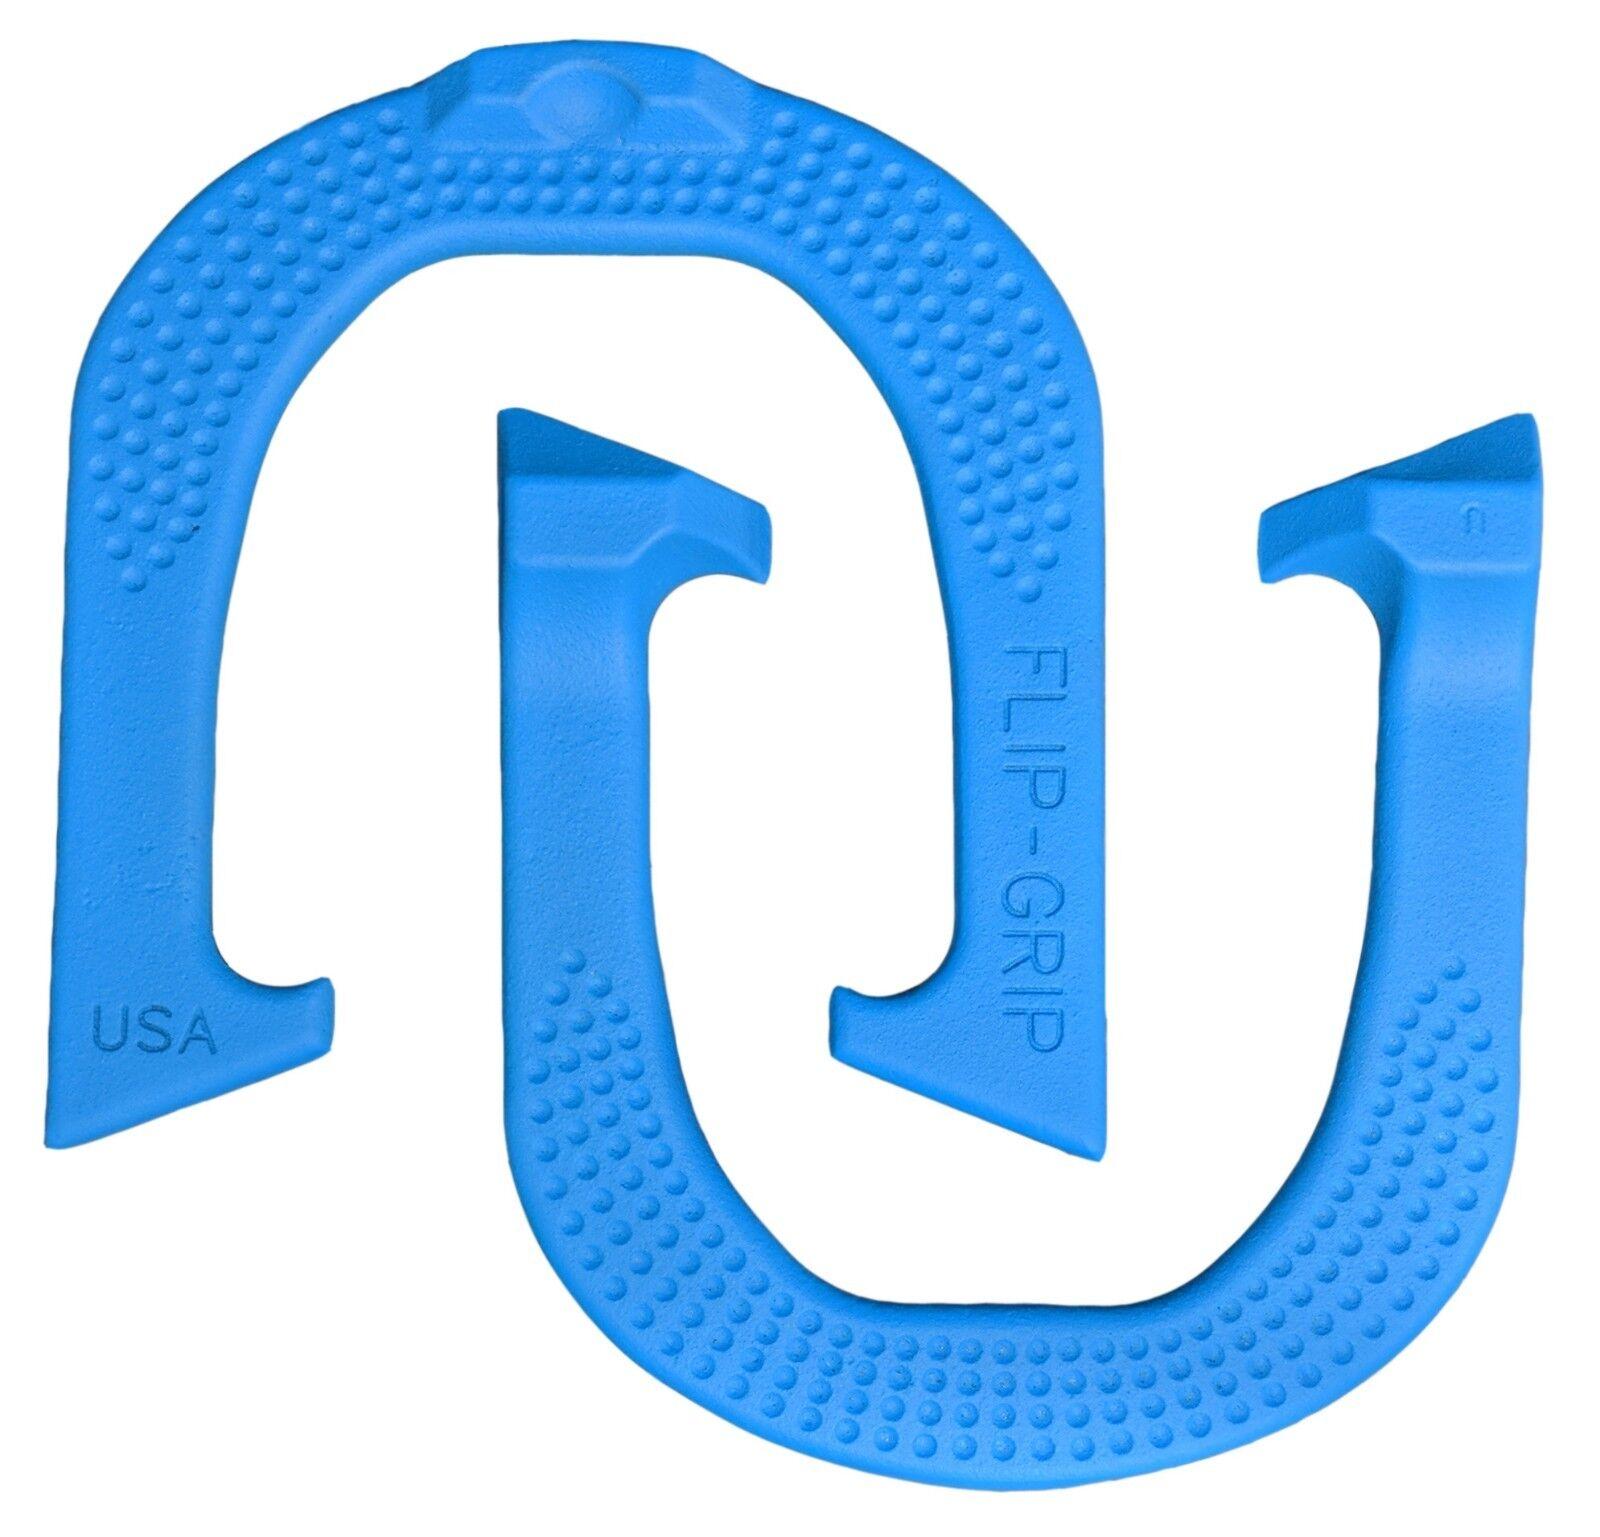 Flip-Grip Horseschuhe- Blau One Pair (two schuhe) Made in USA USA USA bd1e05